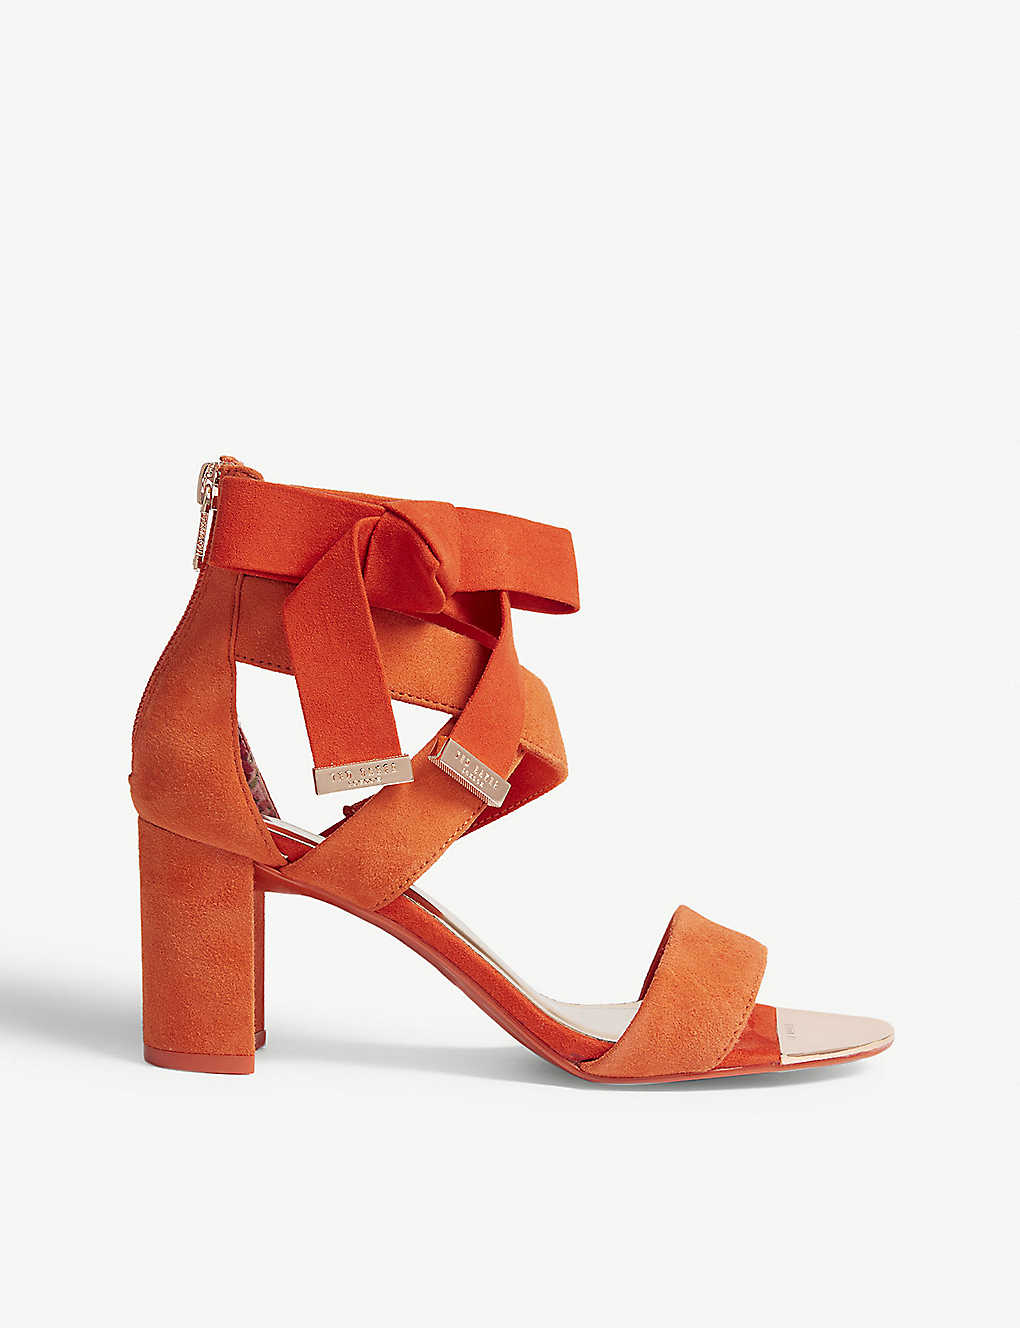 a4e9766149c8 TED BAKER - Noxen suede block heel sandals